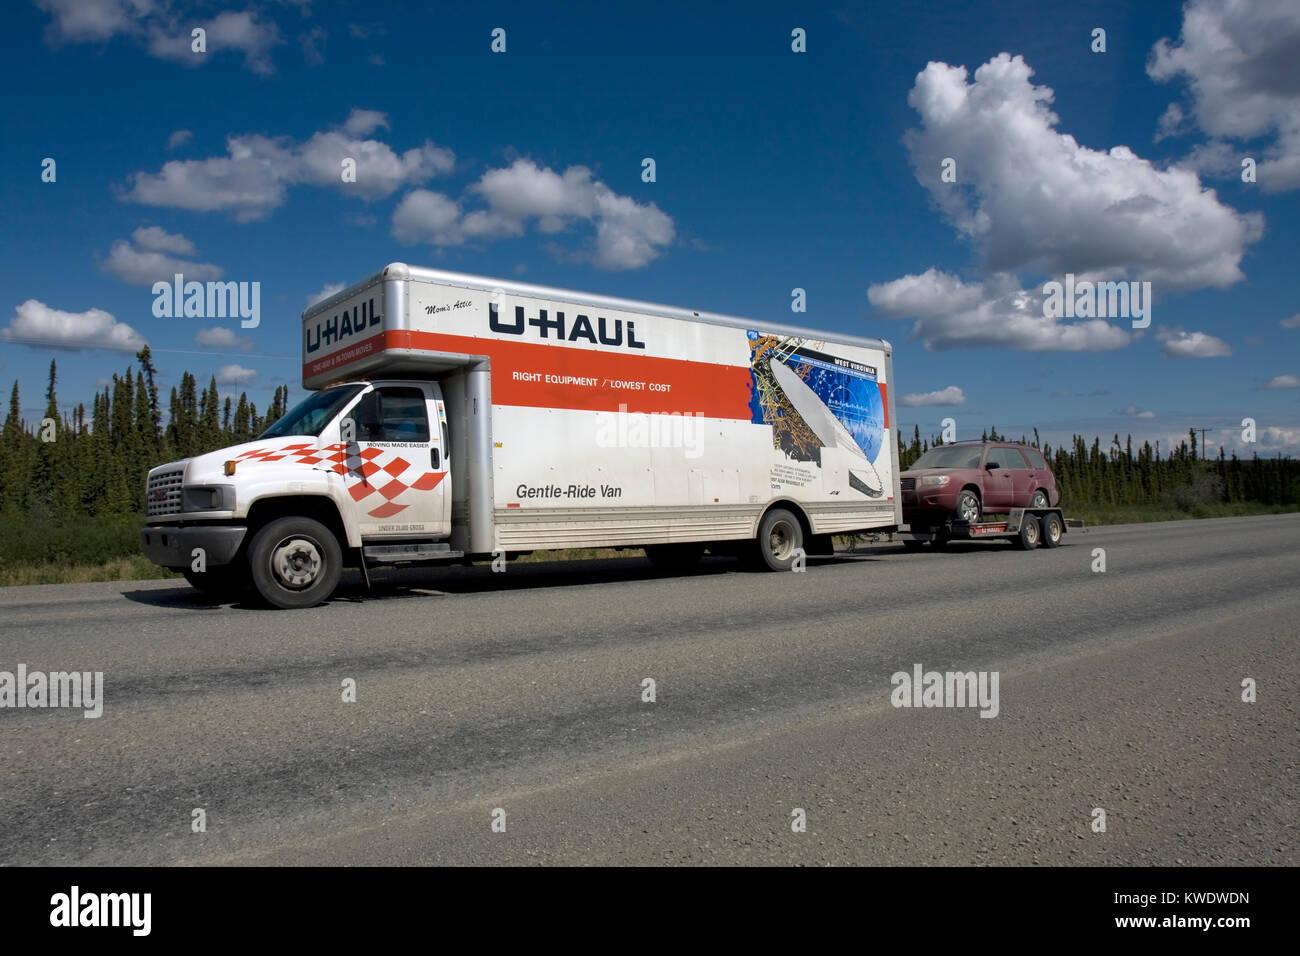 Uhaul Stock Photos Amp Uhaul Stock Images Alamy